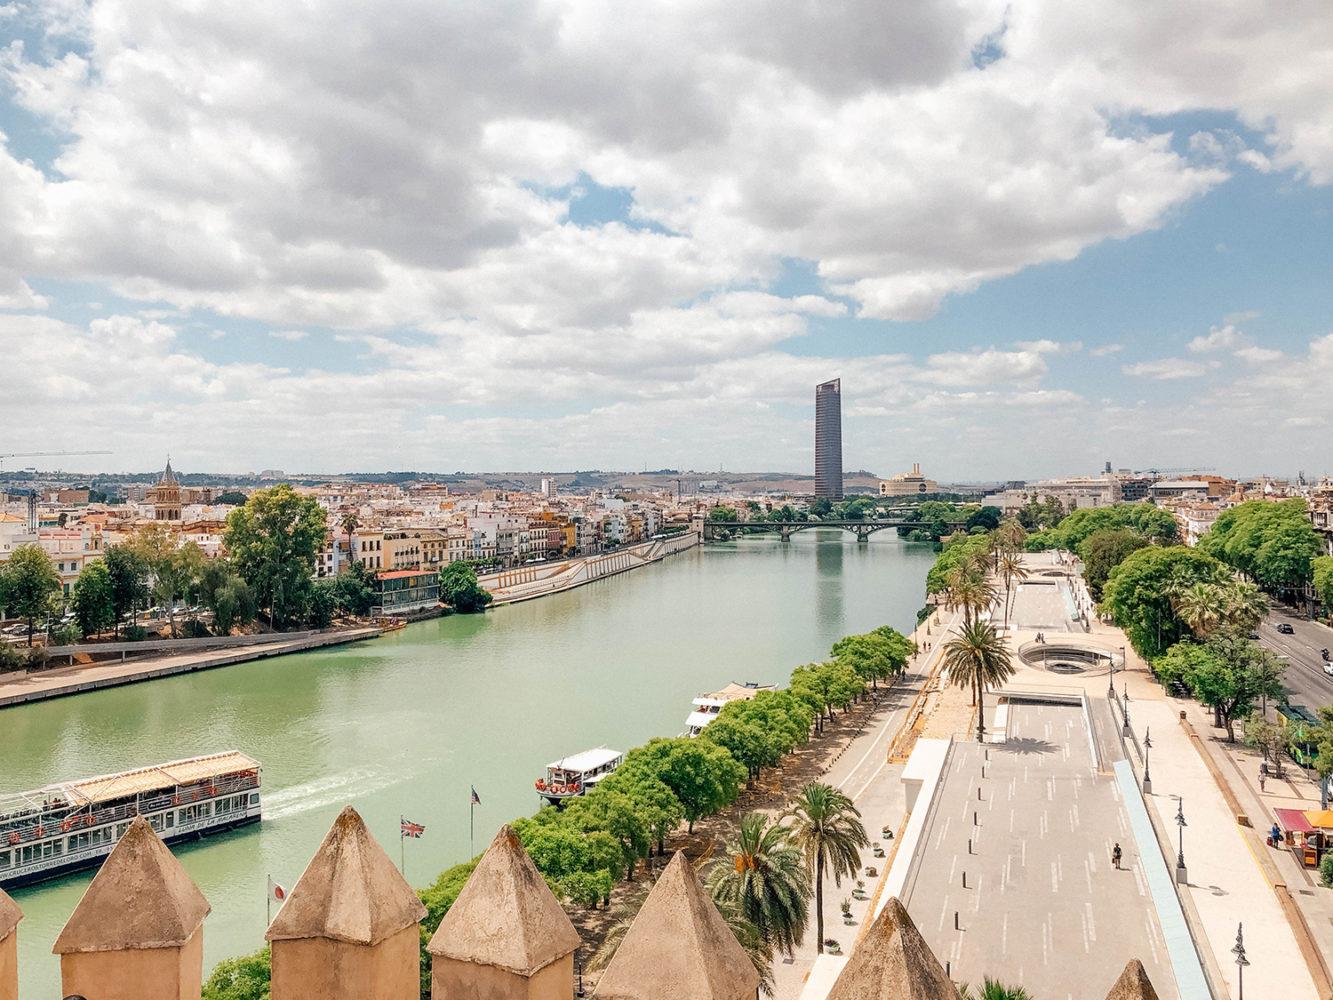 Vue sur les rives du Guadalquivir depuis le haut de la tour